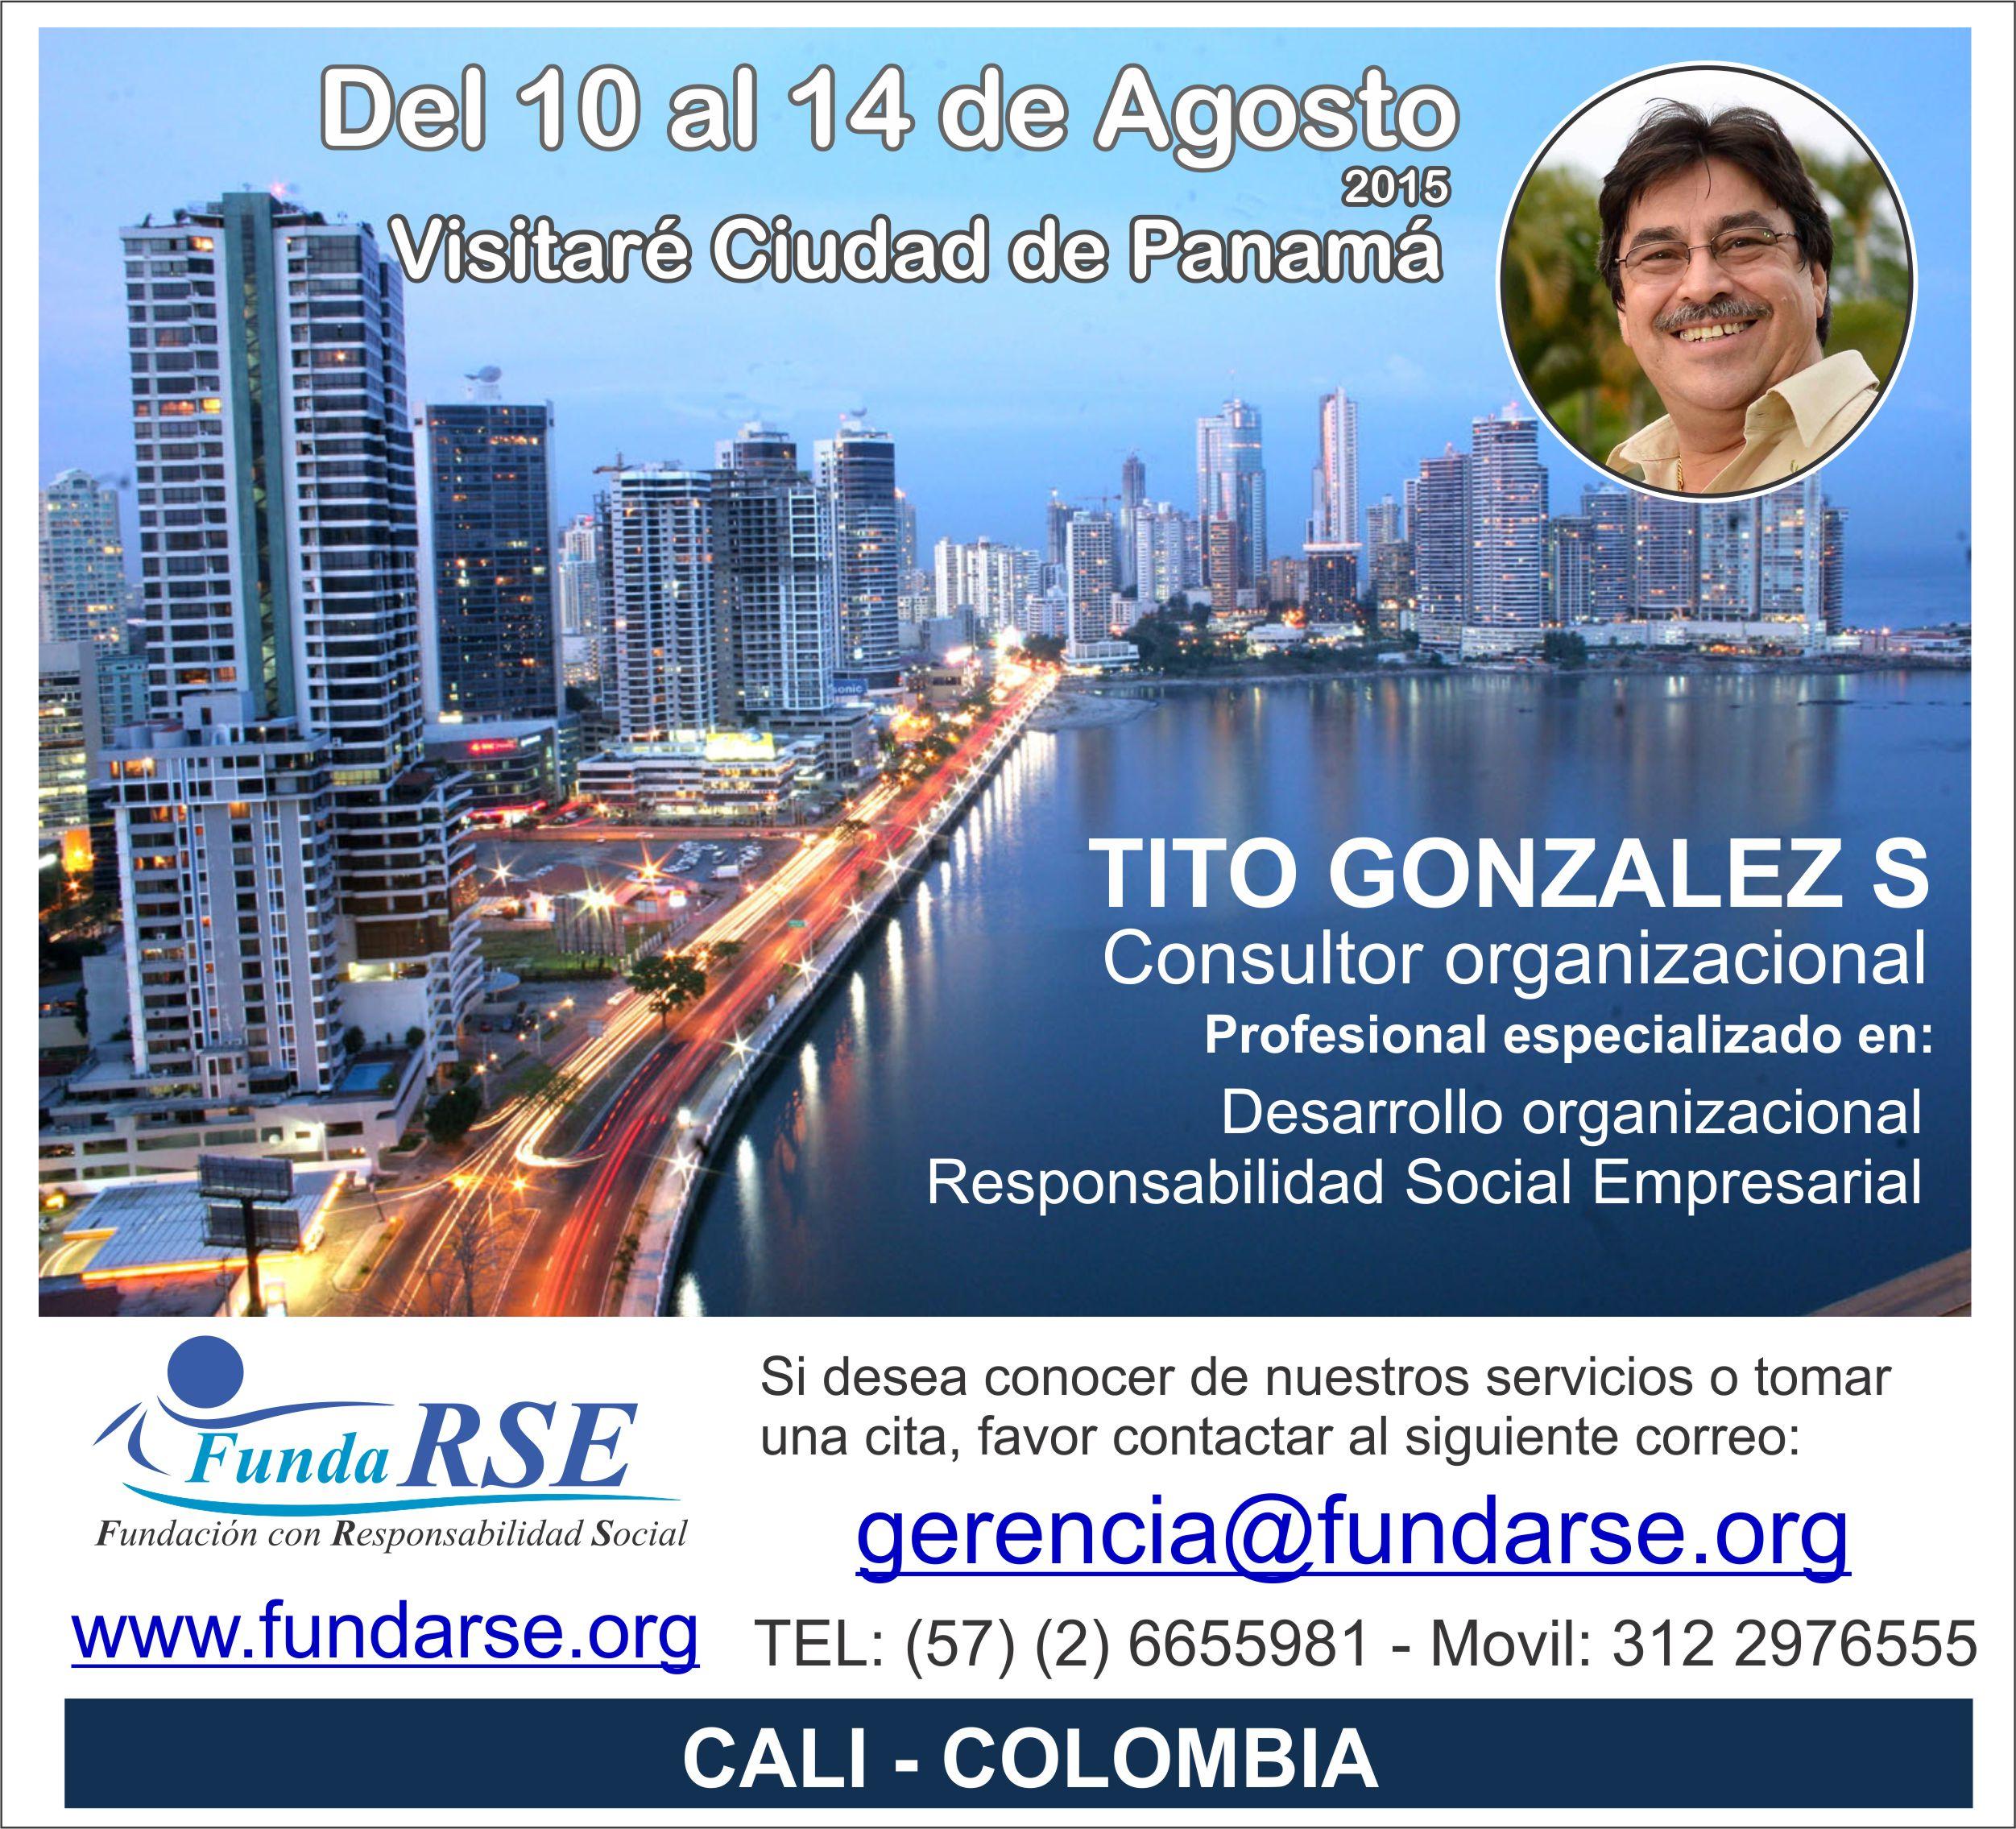 AVISO PANAMA TITO GONZALEZ